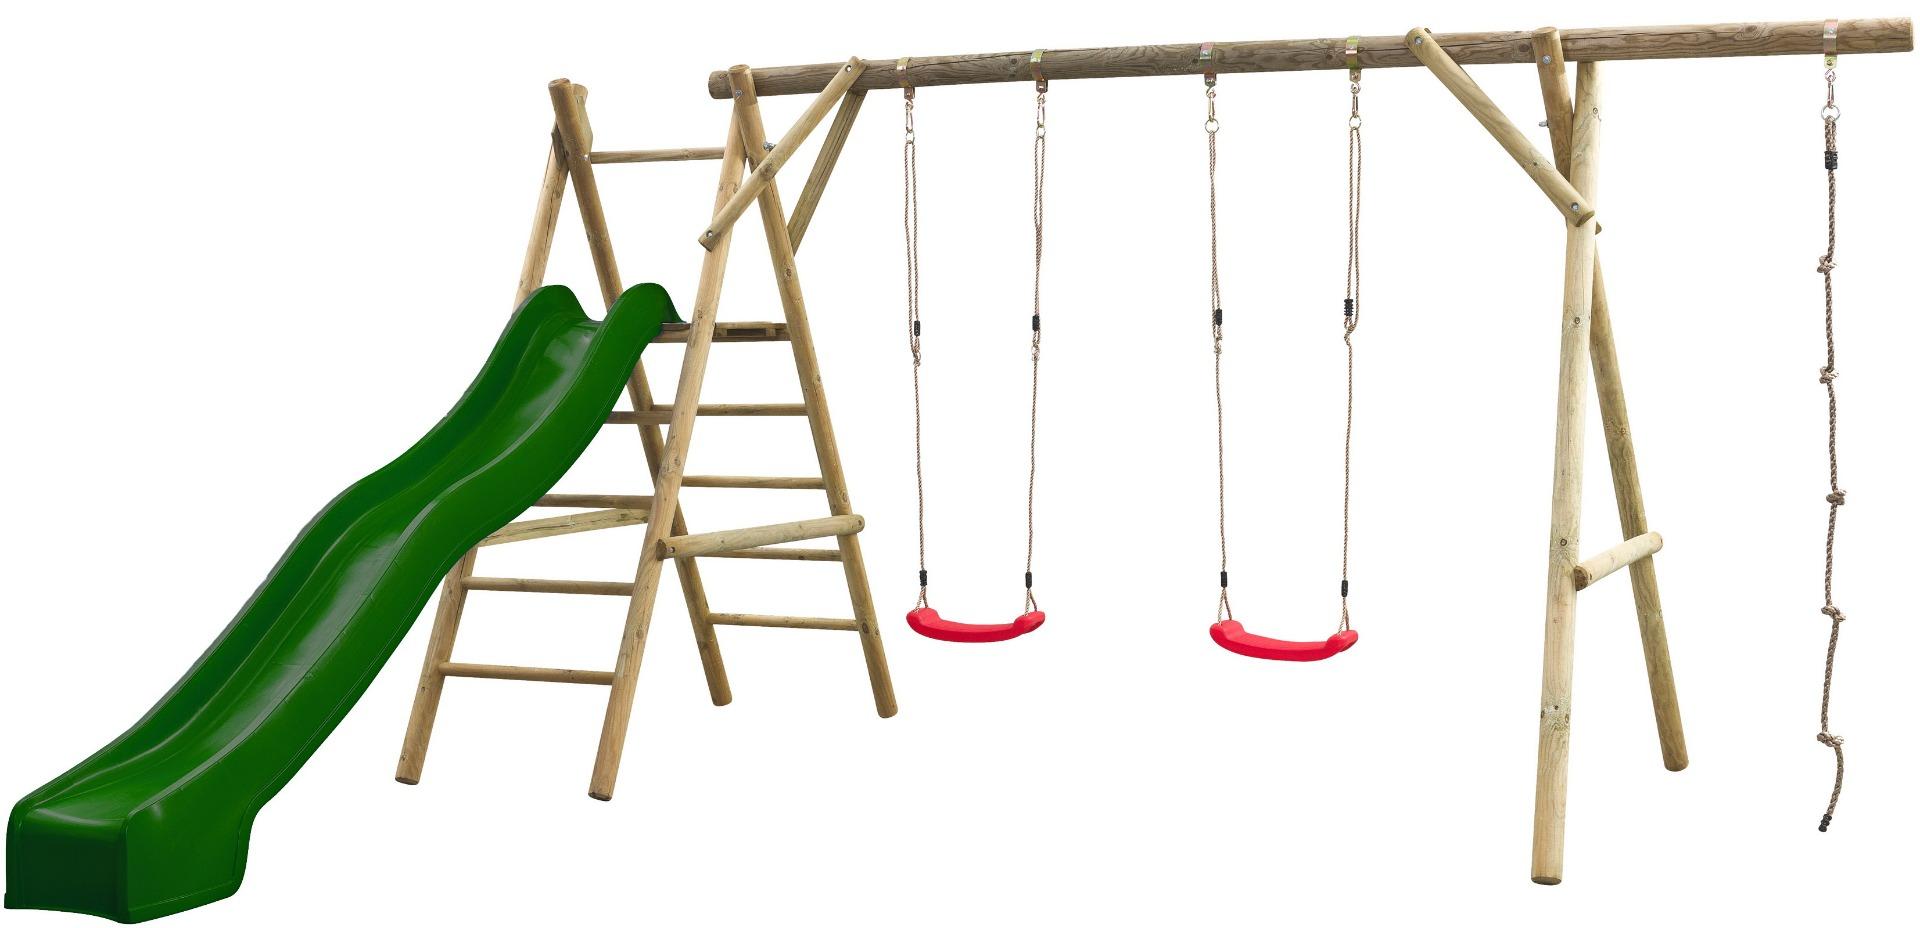 Houten speeltoestel schommel Henri compleet met glijbaan